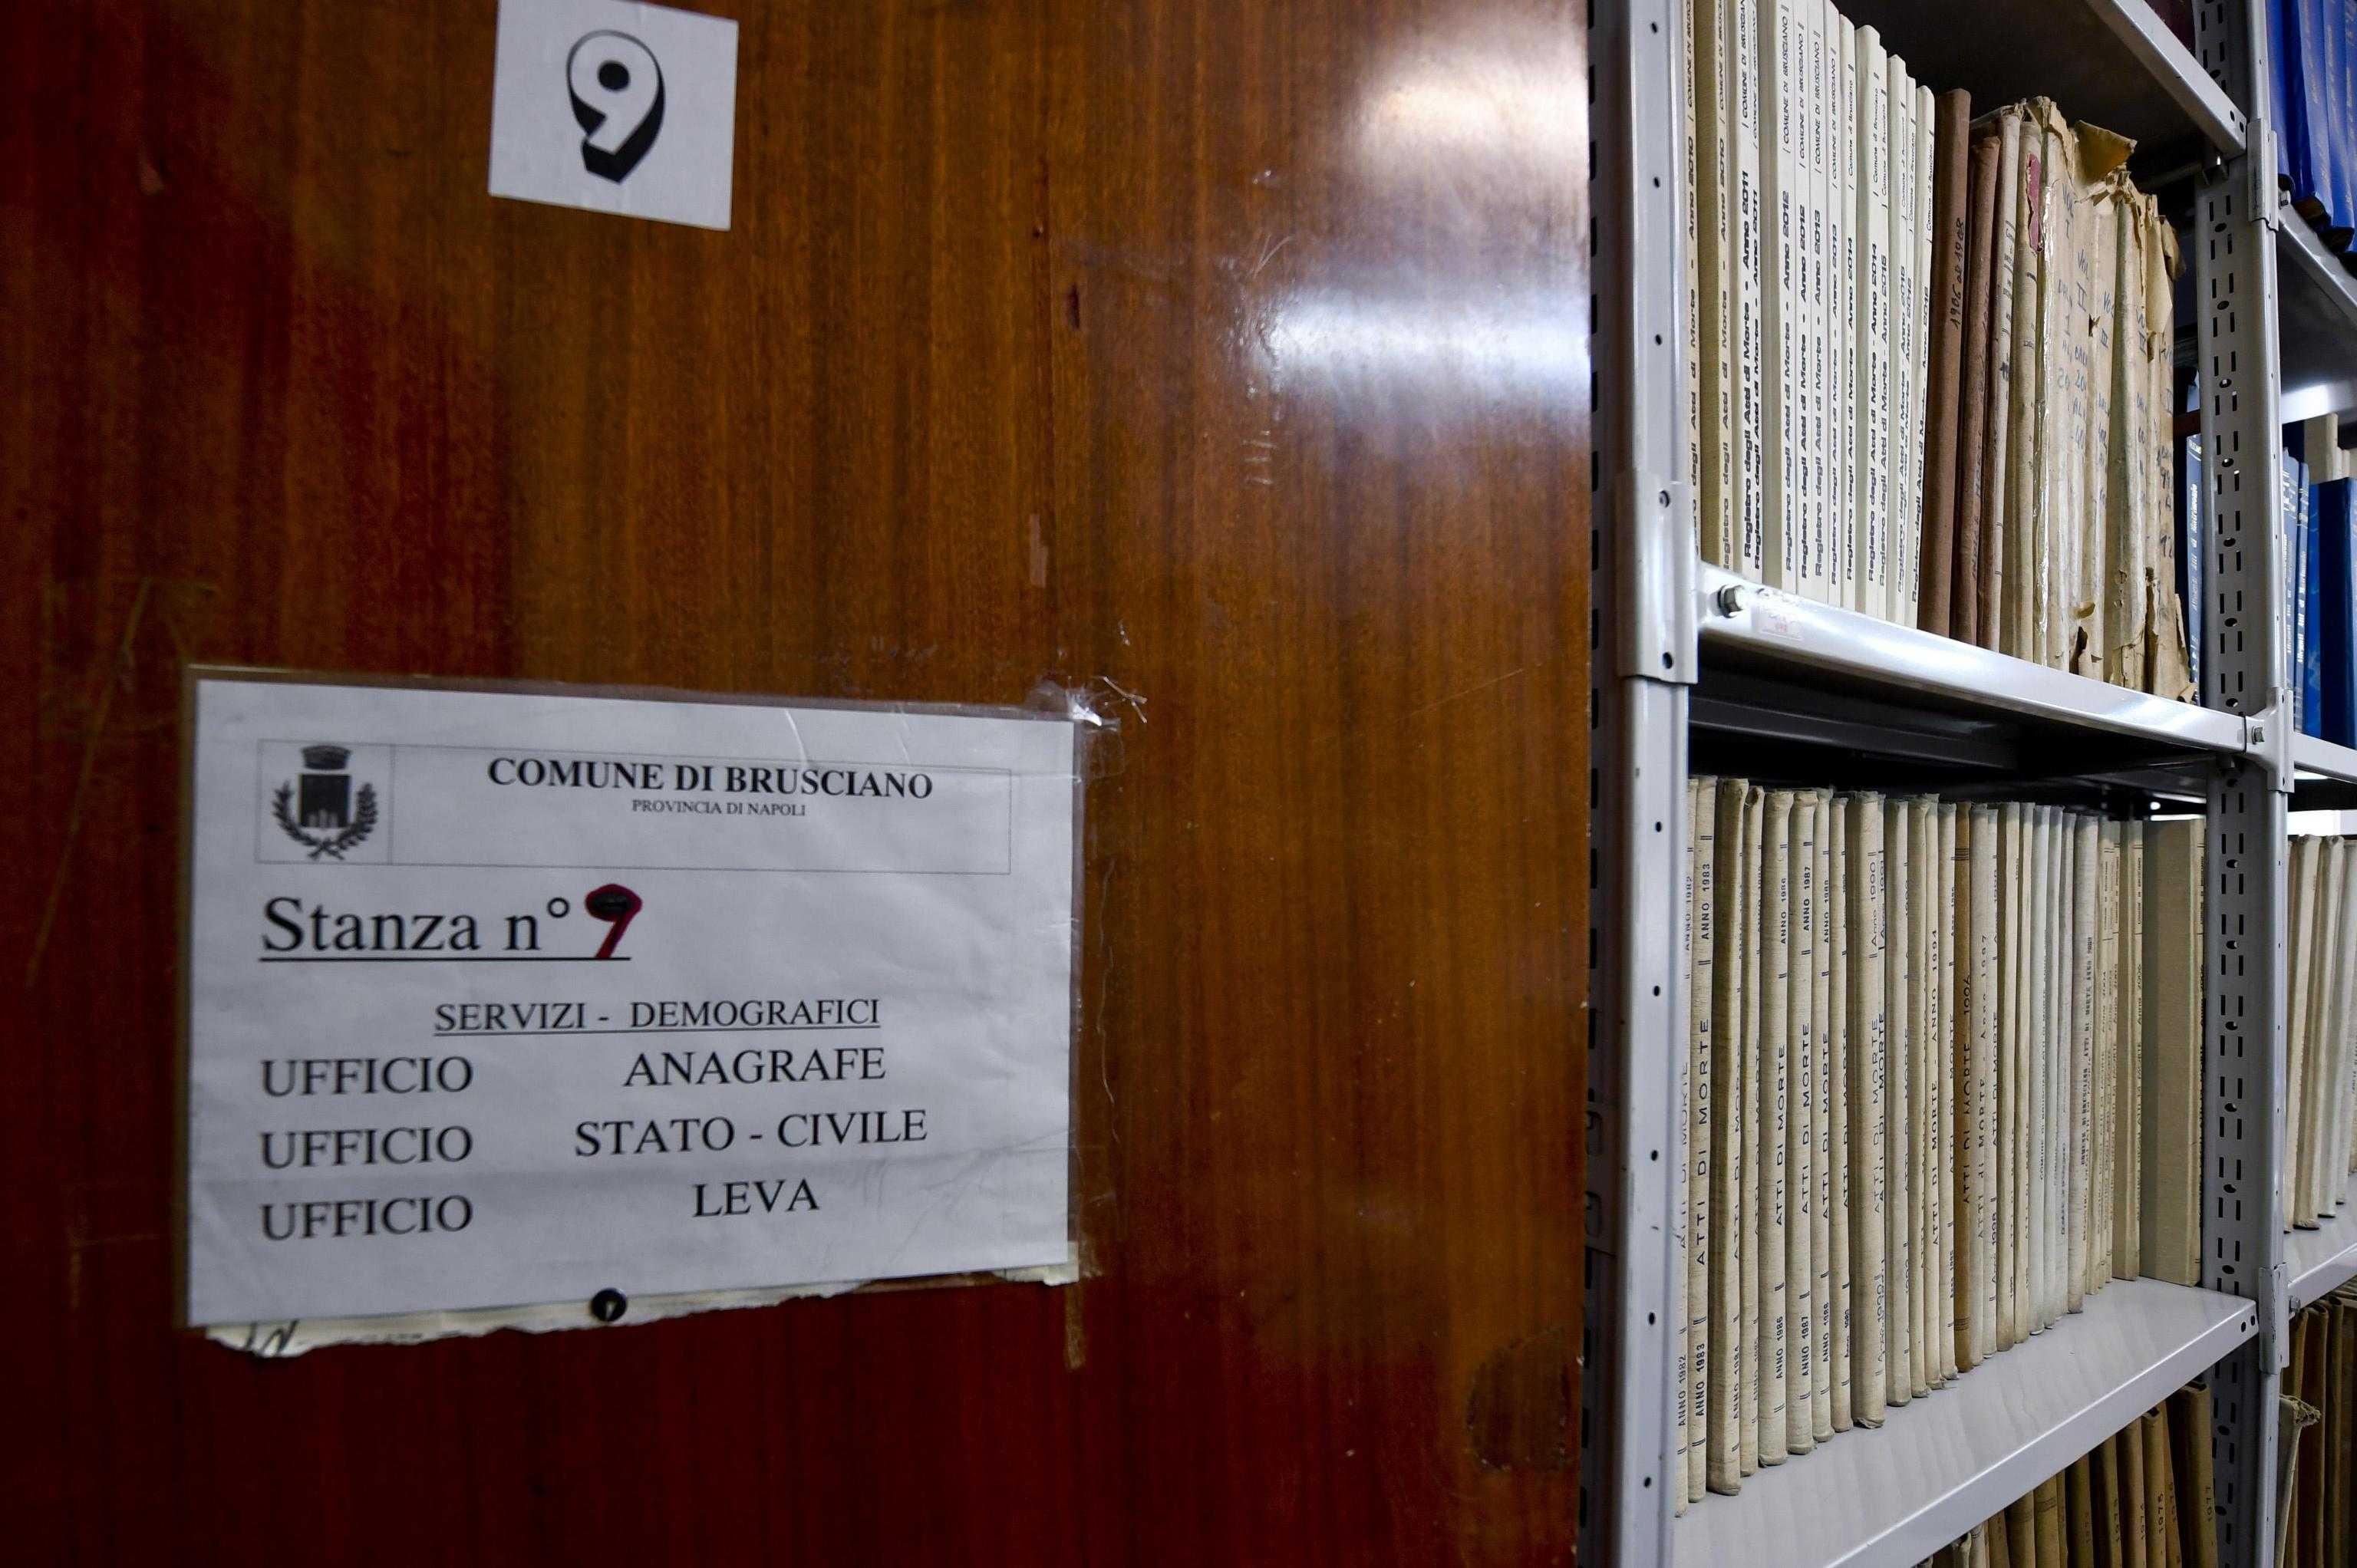 Coppia Atto Nascita Non Firma Il Documento La Magistratura